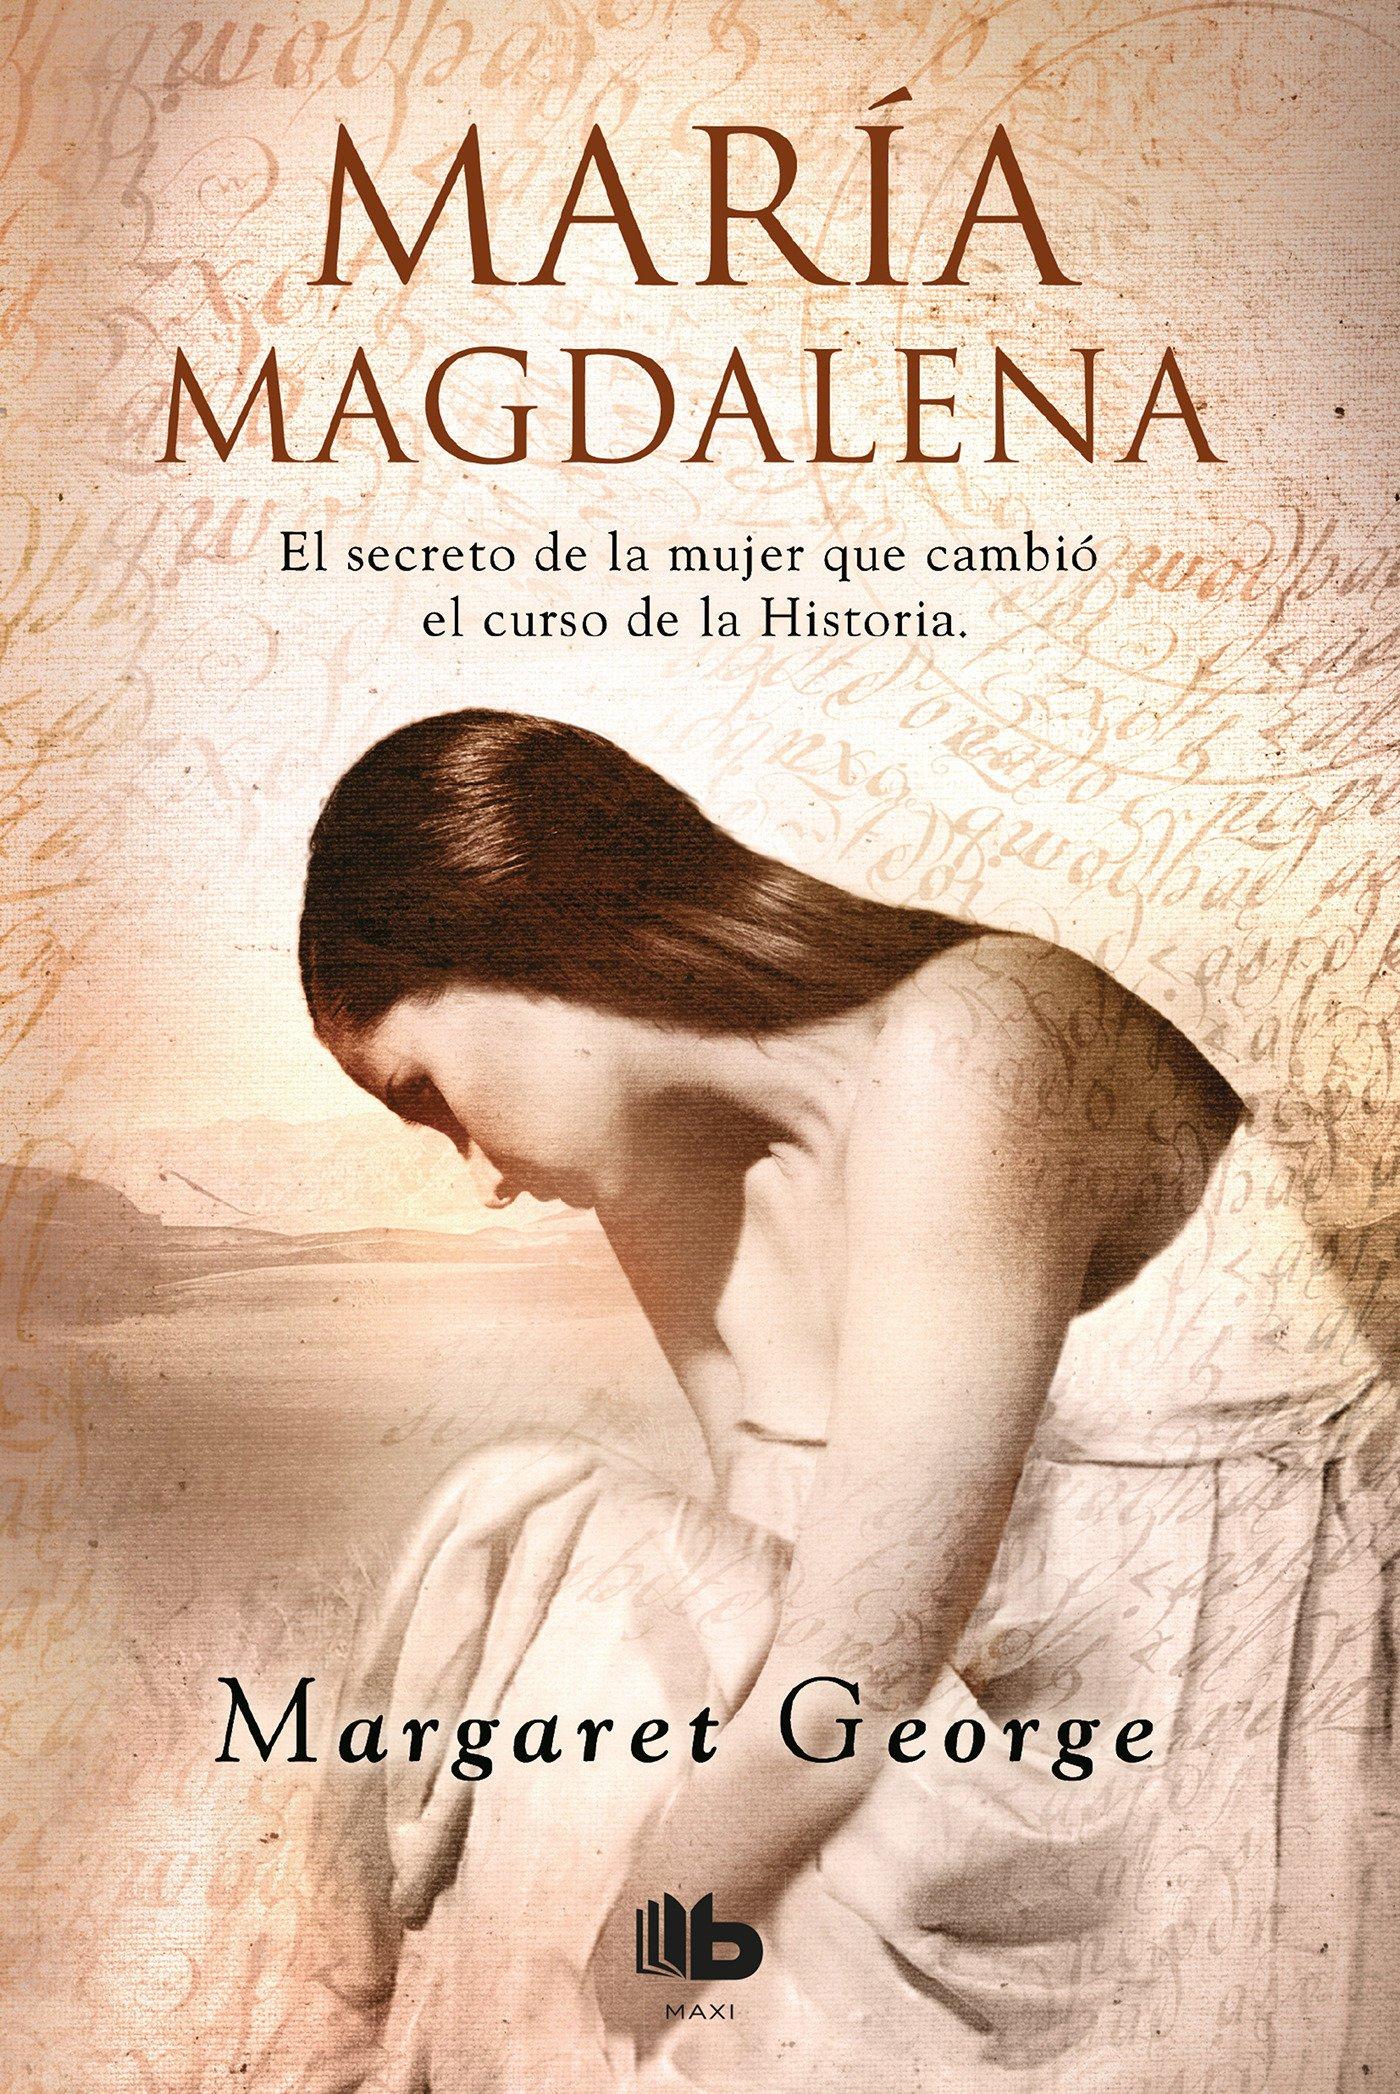 María Magdalena (FICCIÓN MAXI) Tapa blanda – 1 feb 2018 Margaret George B de Bolsillo (Ediciones B) 8490704333 Biographical fiction